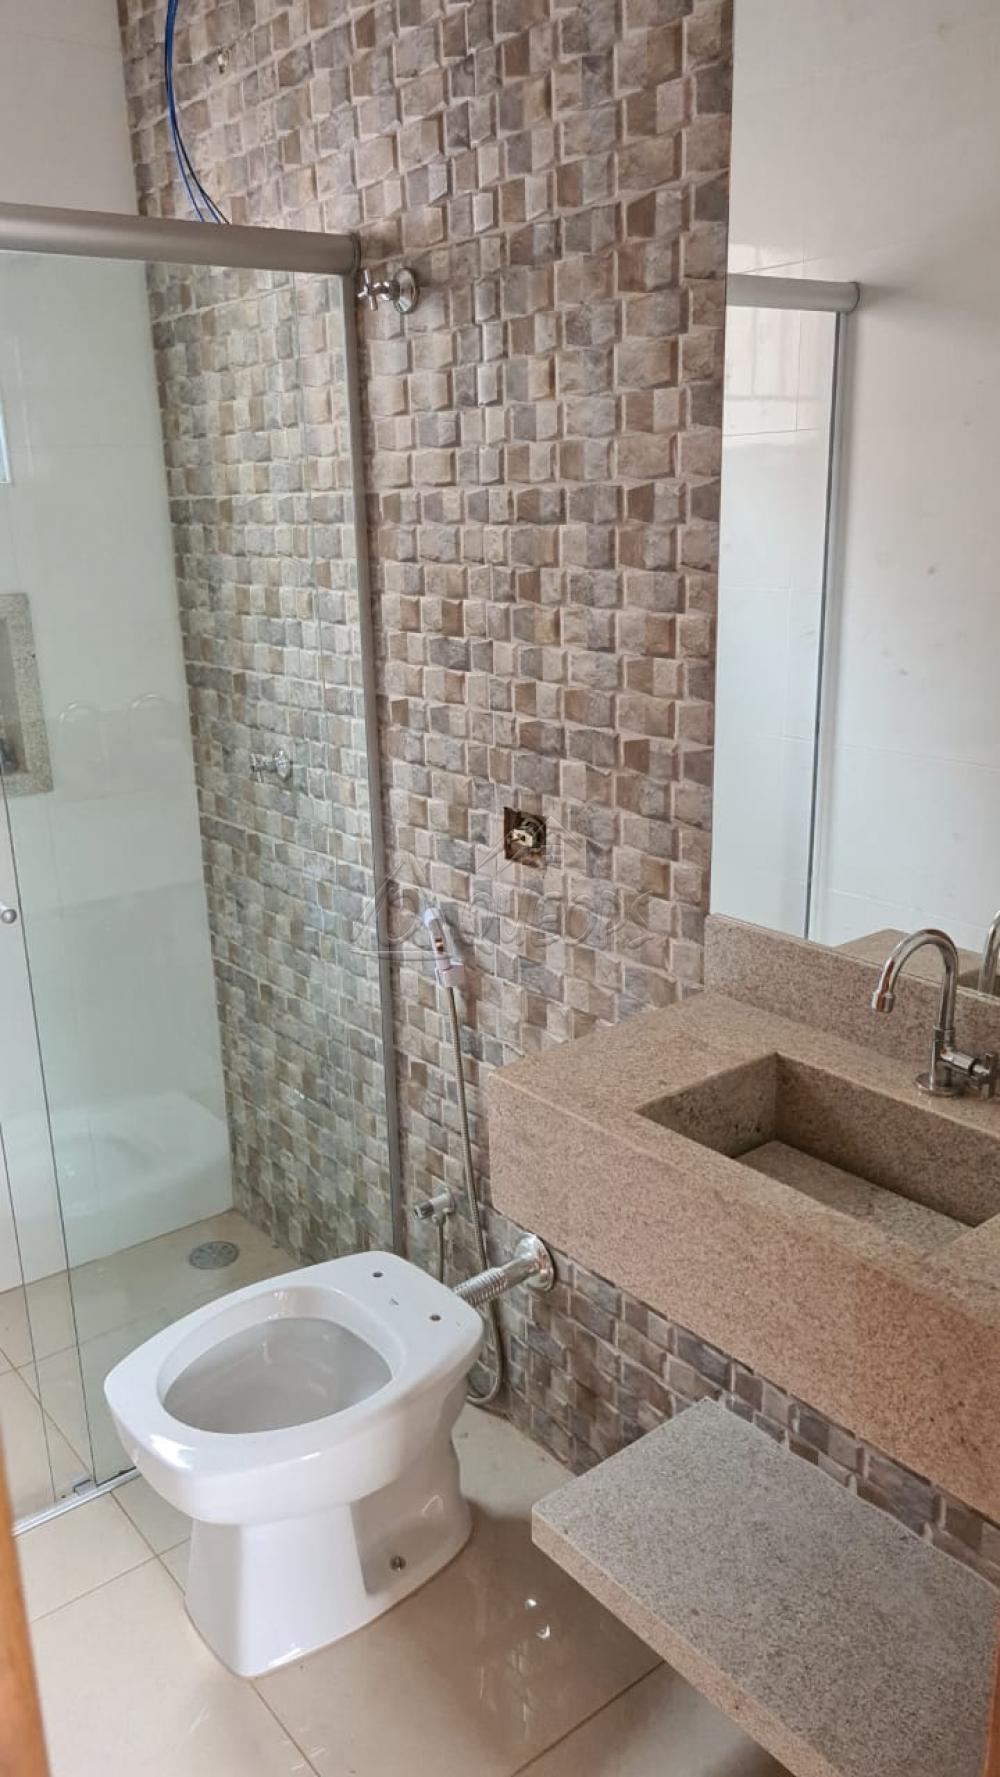 Comprar Apartamento / Padrão em Barretos apenas R$ 210.000,00 - Foto 7